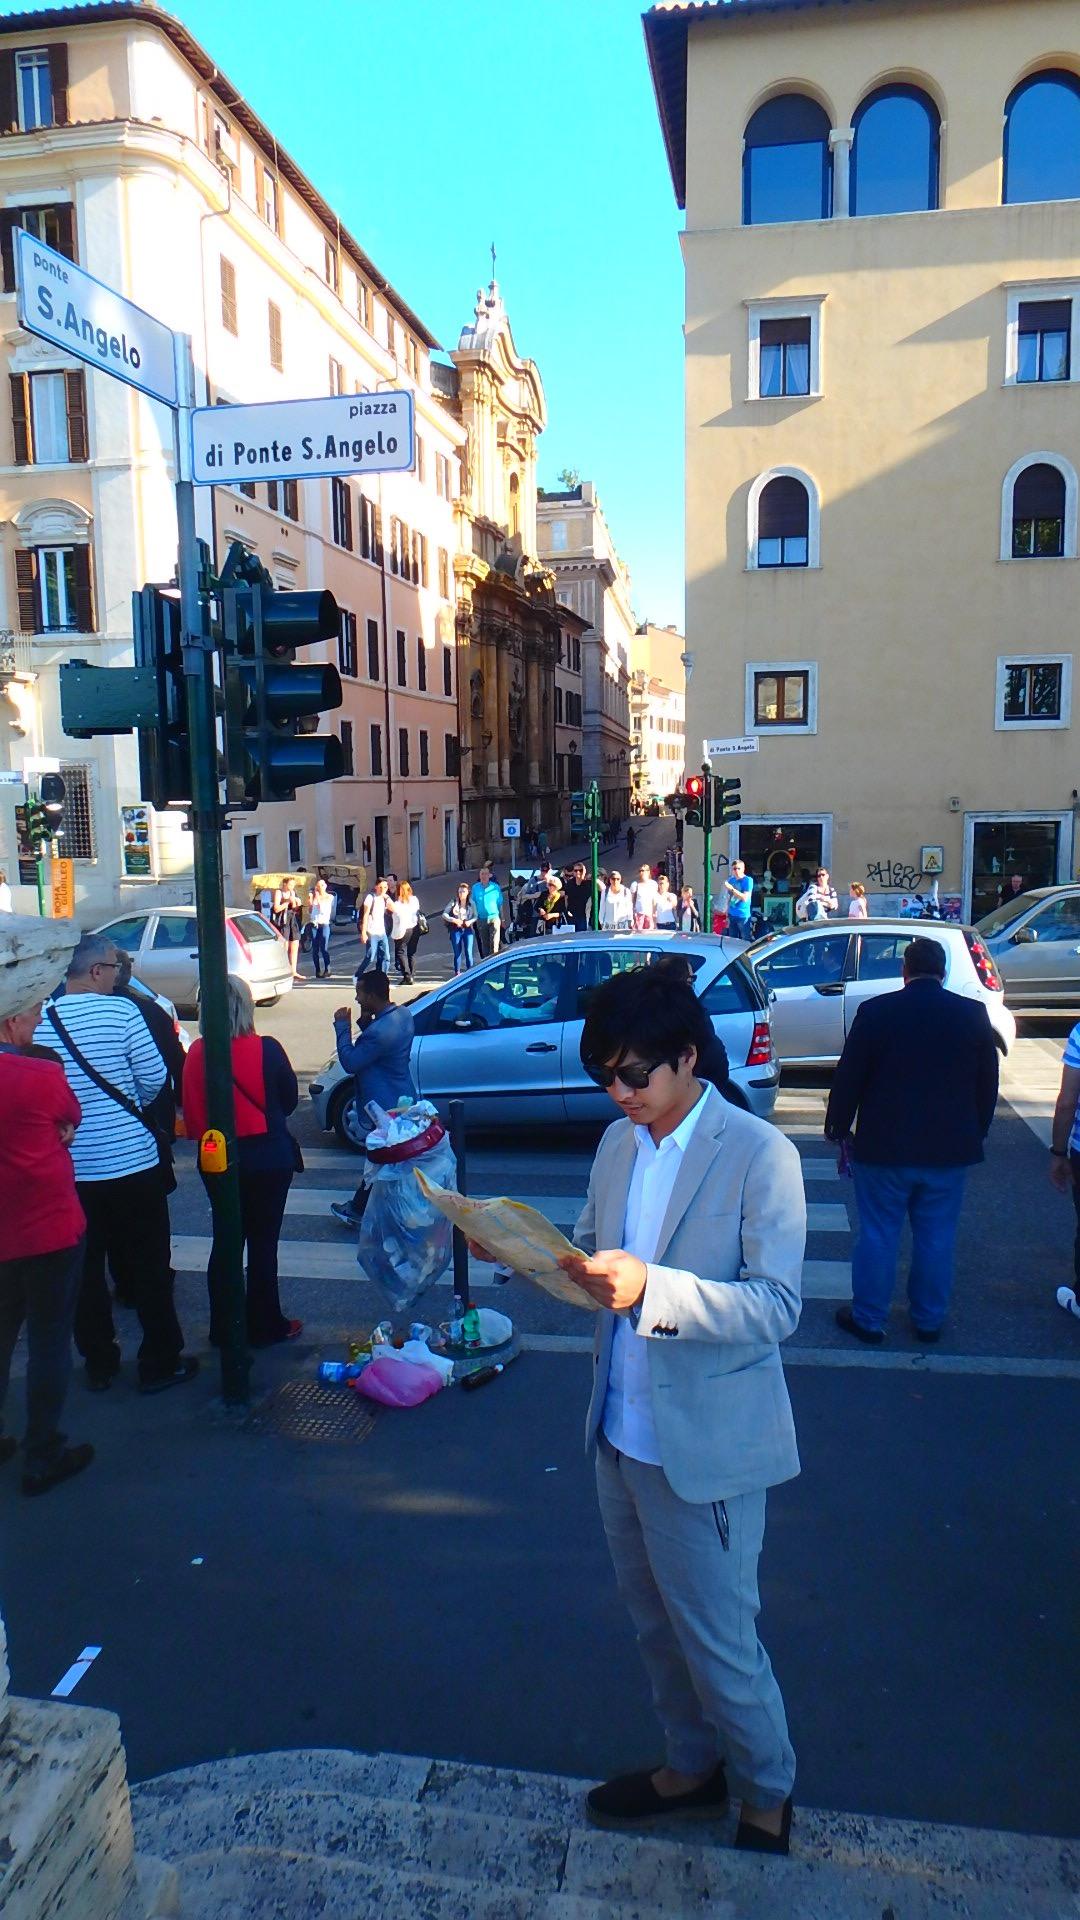 サンタンジェロ城からトレビの泉への行き方